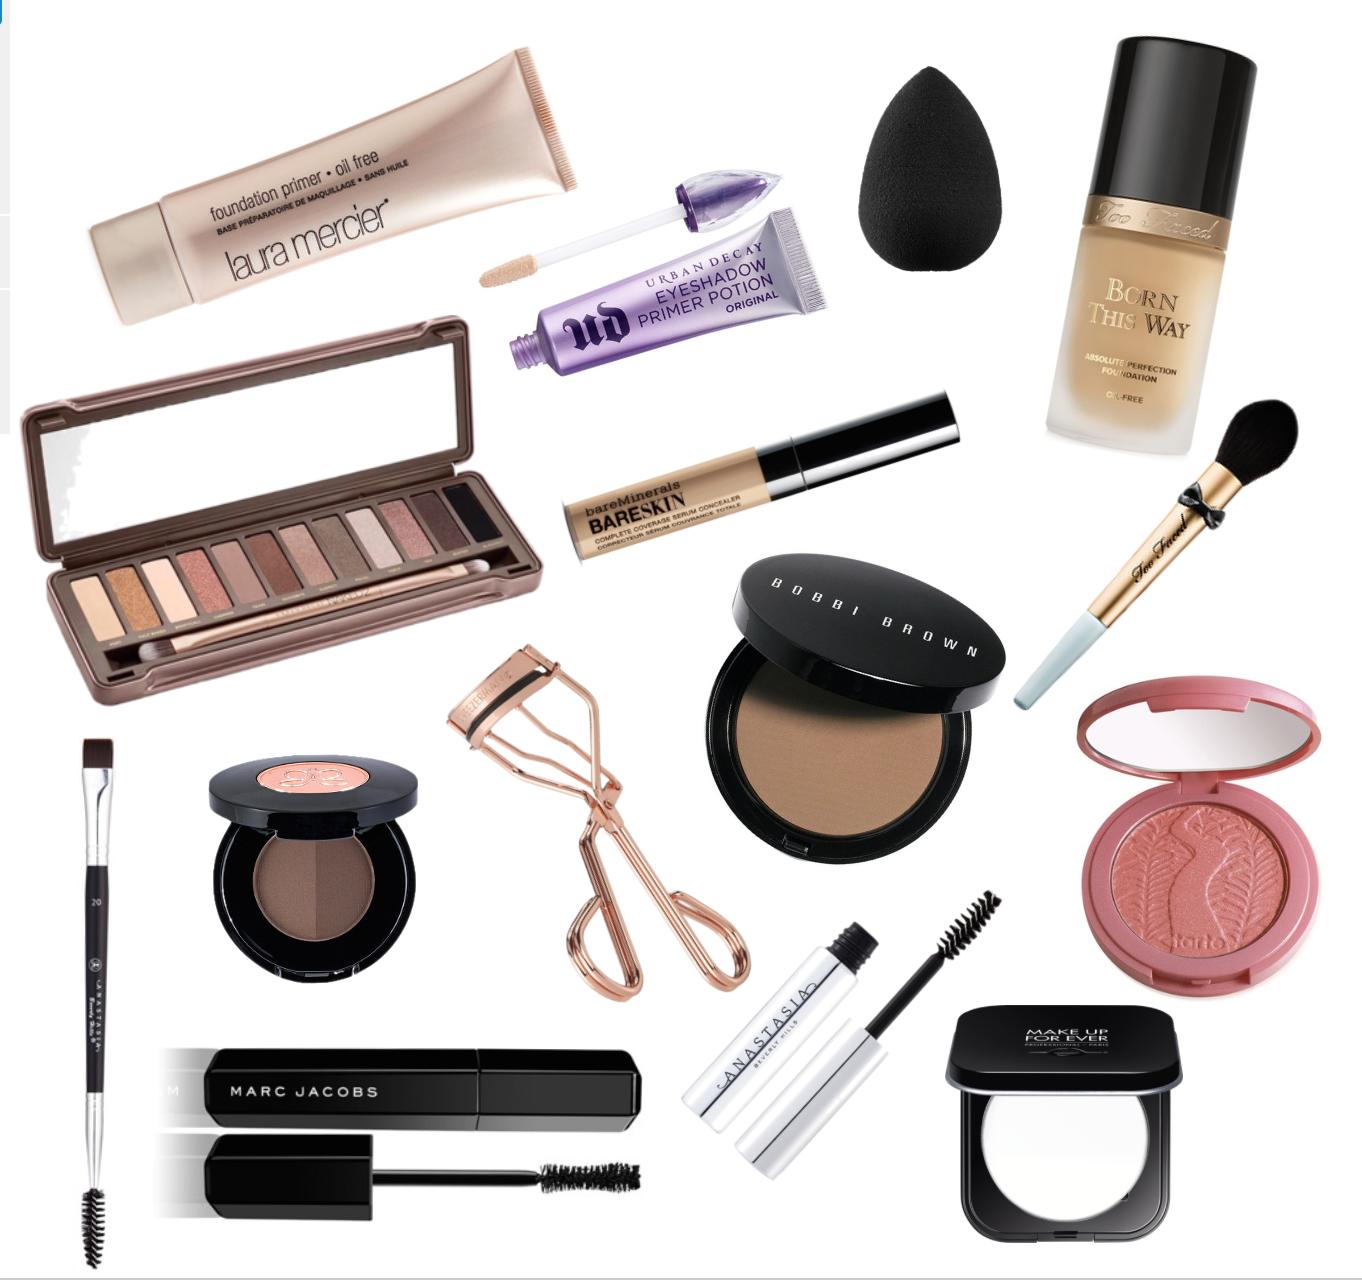 My Top Sephora Makeup Buys & Makeup Application Steps